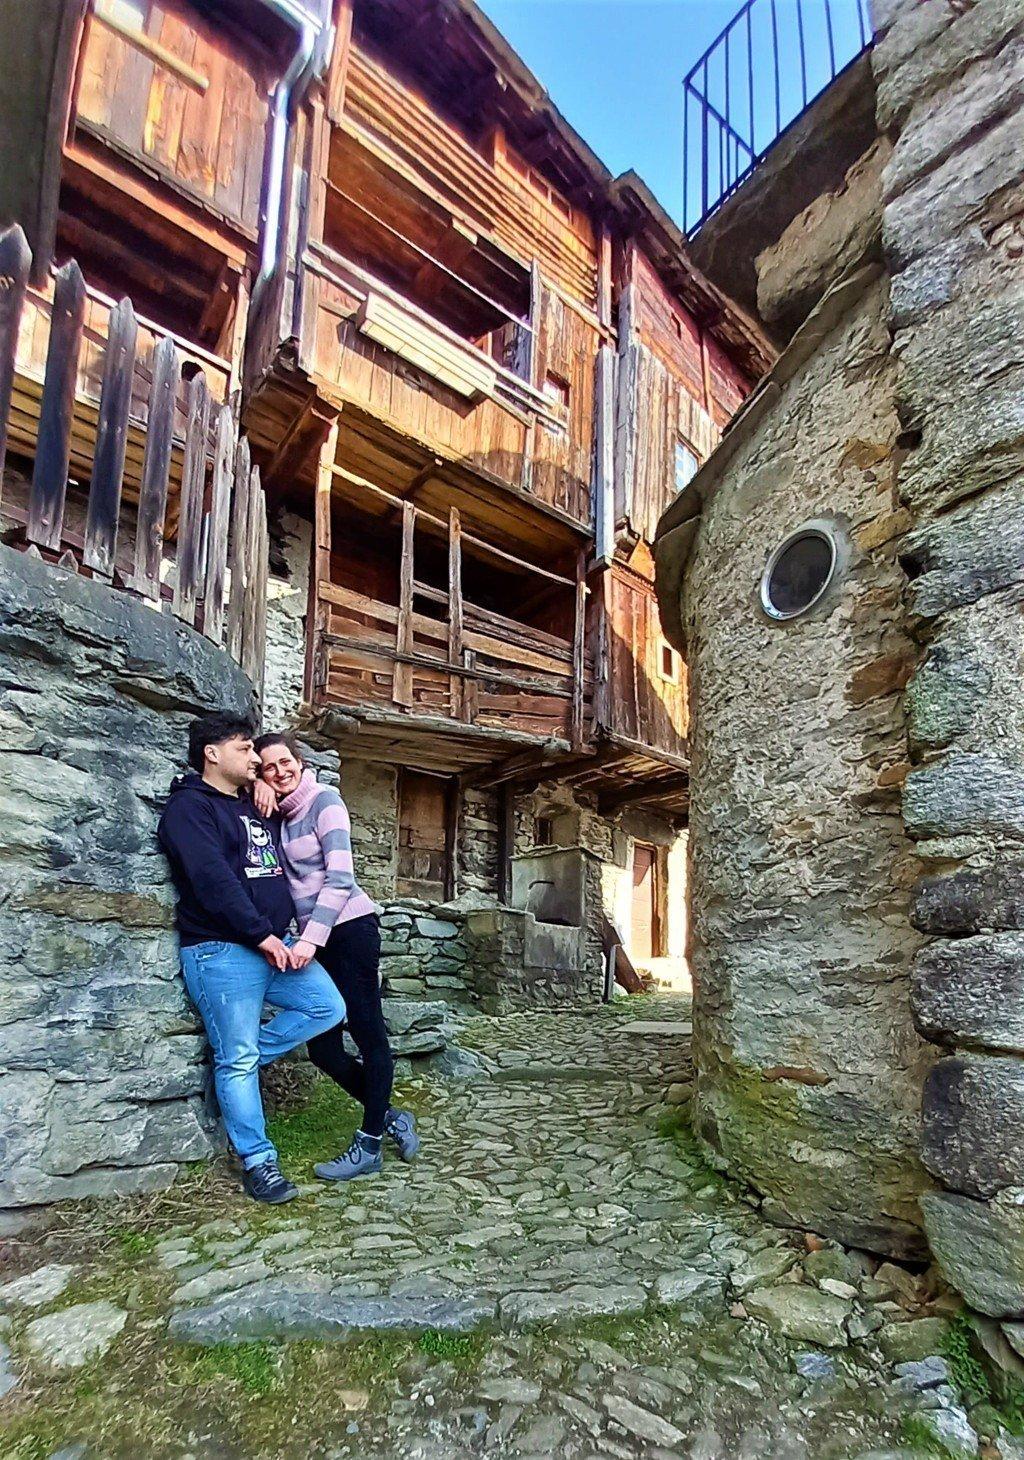 Coppia in posa nel borgo in pietra di Savogno in Lombardia